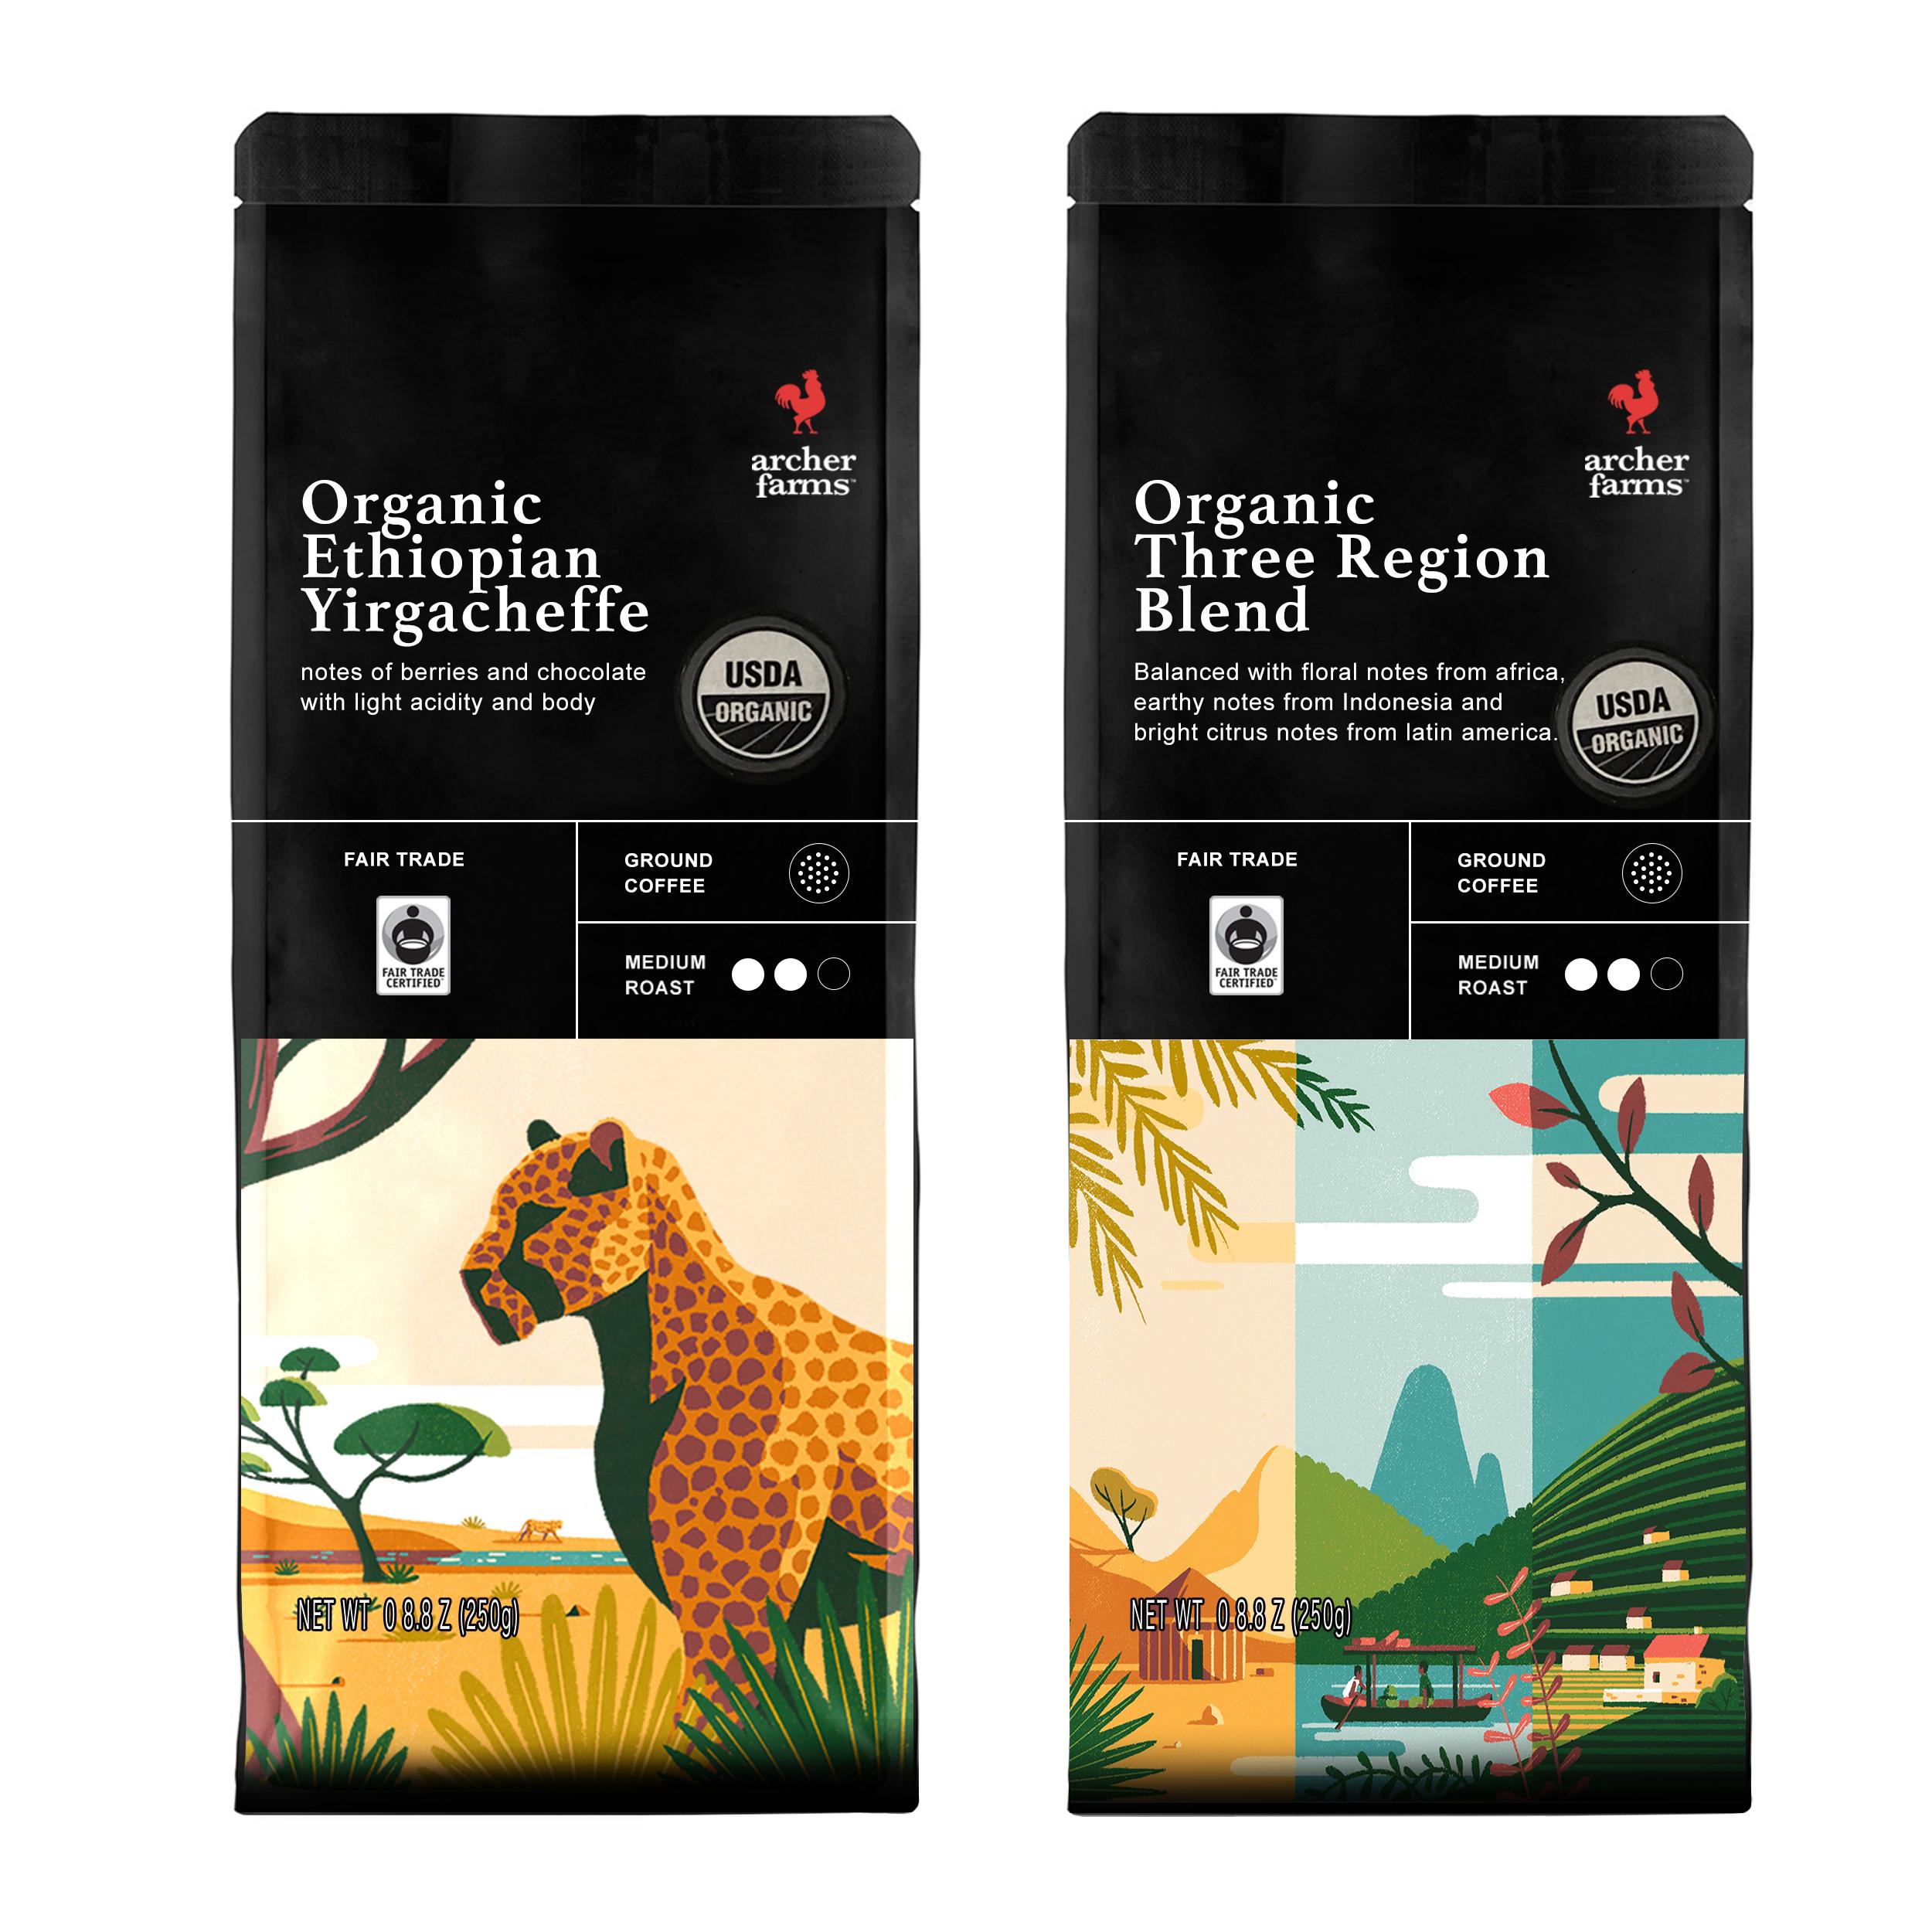 قهوه اتیوپی و سه منطقه آرچر فارمز مجموعه ۲ عددی